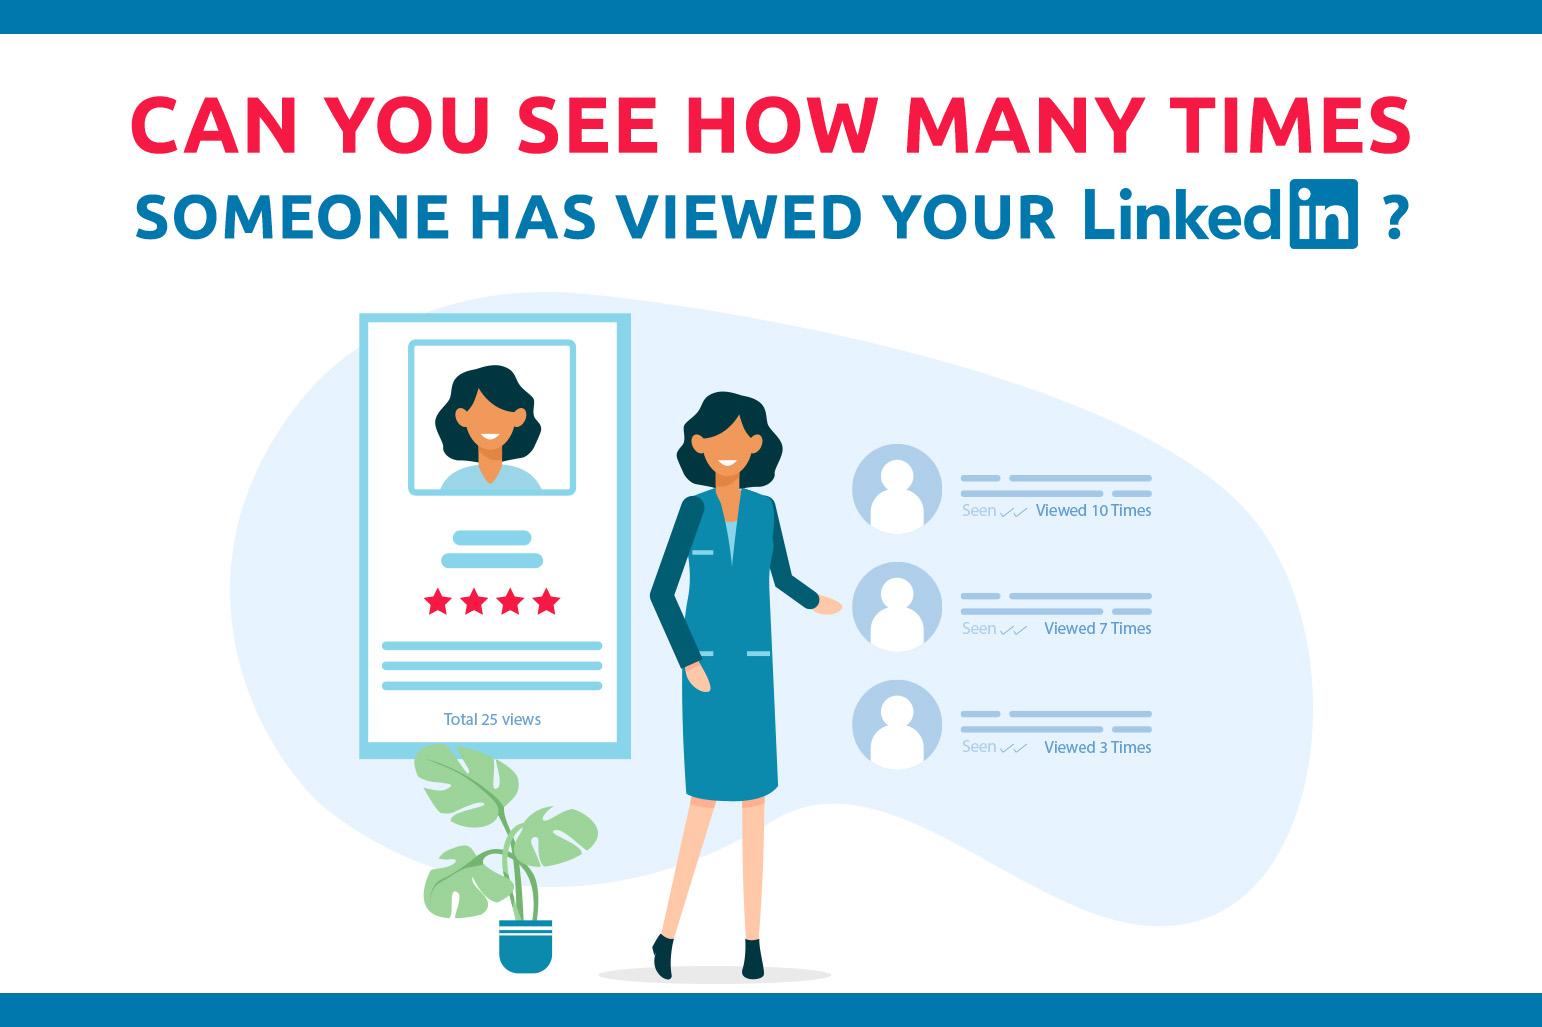 Pouvez-vous voir combien de fois quelqu'un a consulté votre profil LinkedIn ?